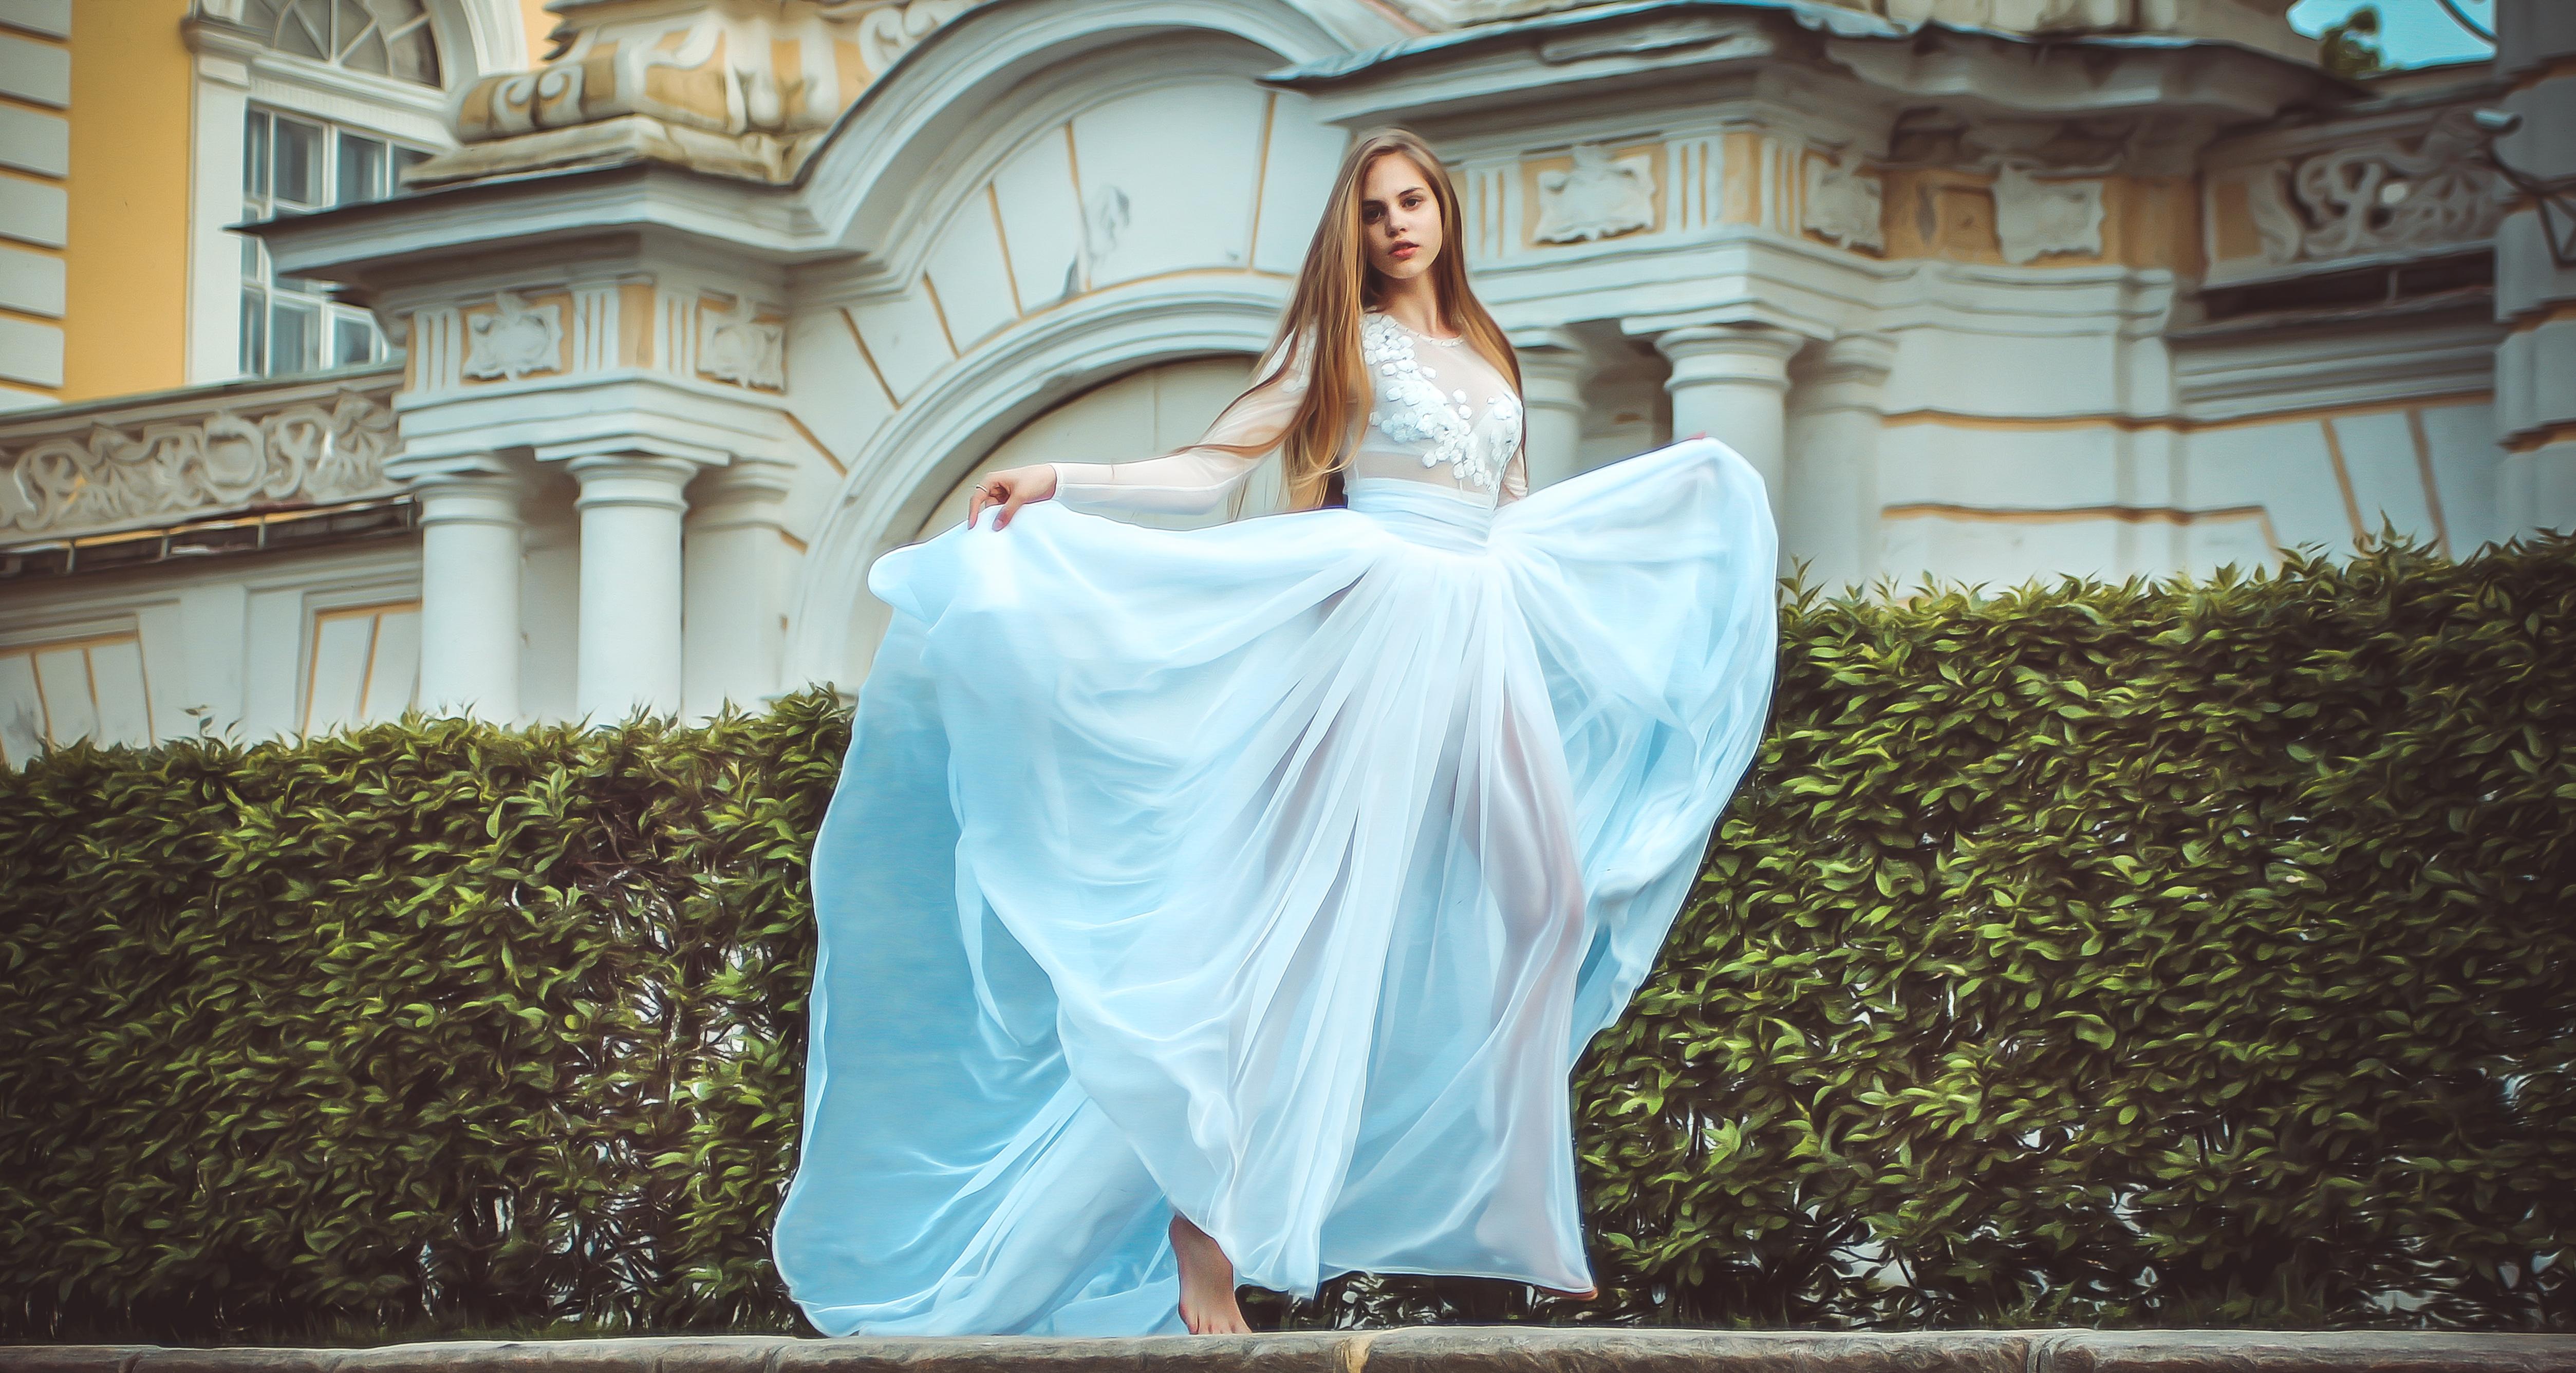 бегущая на встречу девушка в воздушном платье